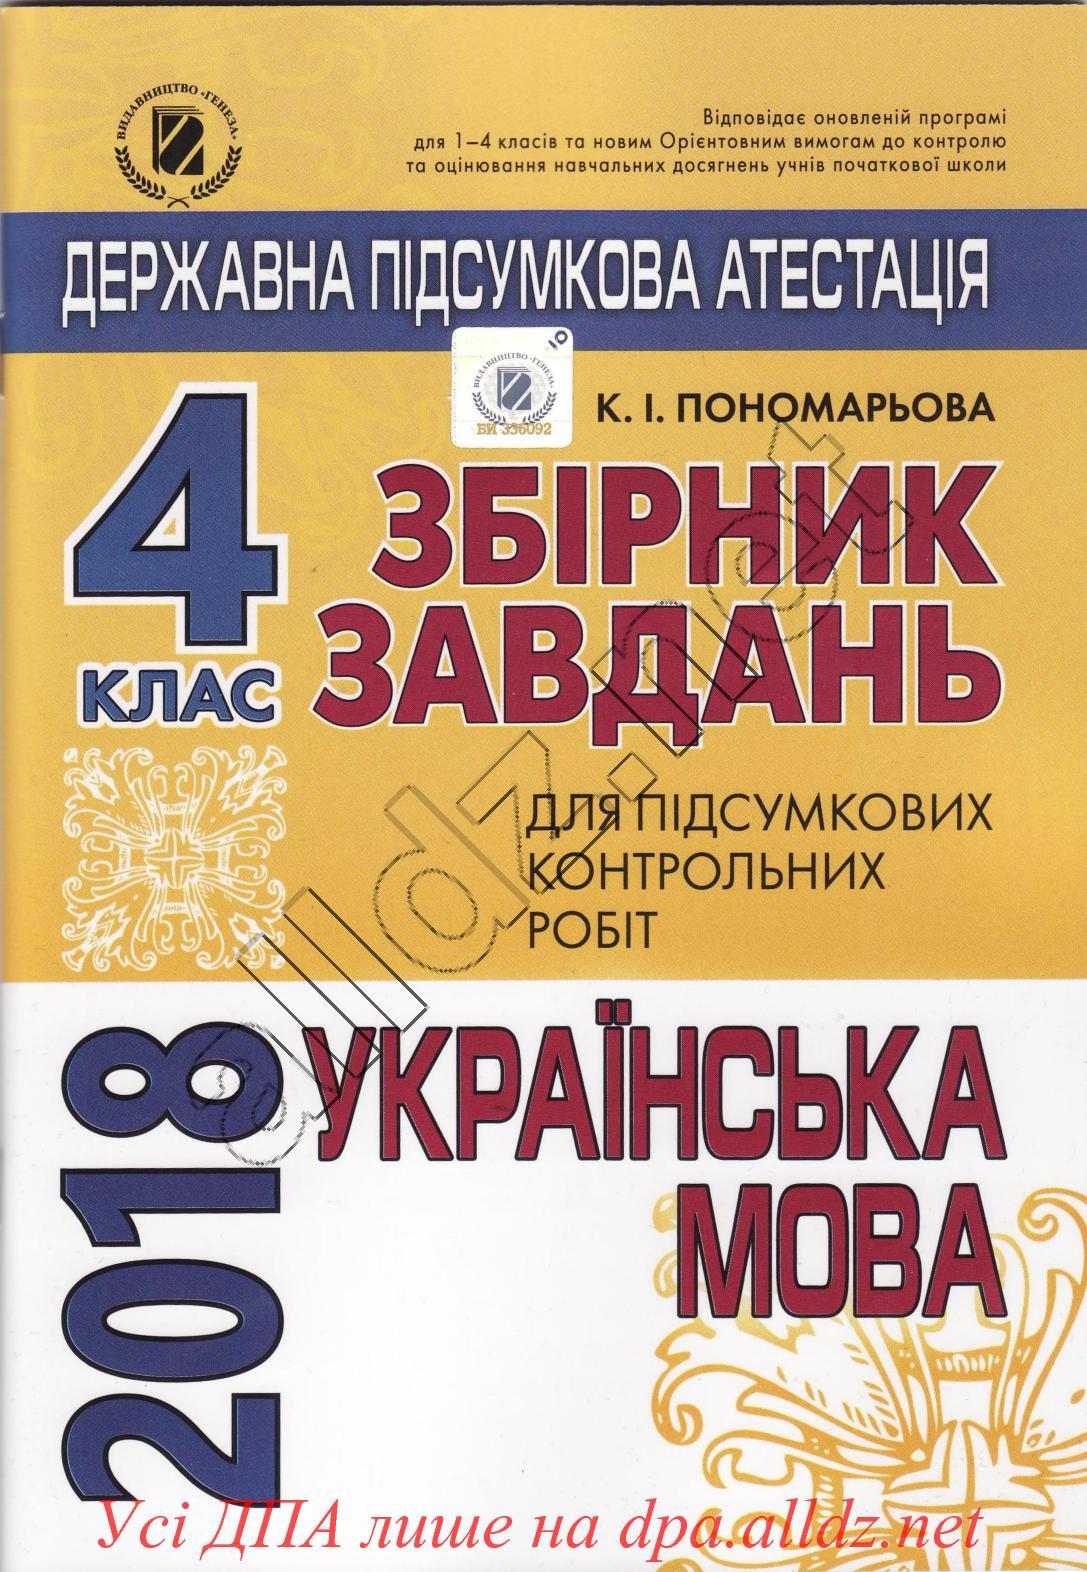 Укр мова 4 клас ДПА 2018 - CALAMEO Downloader 40420f2b34b68